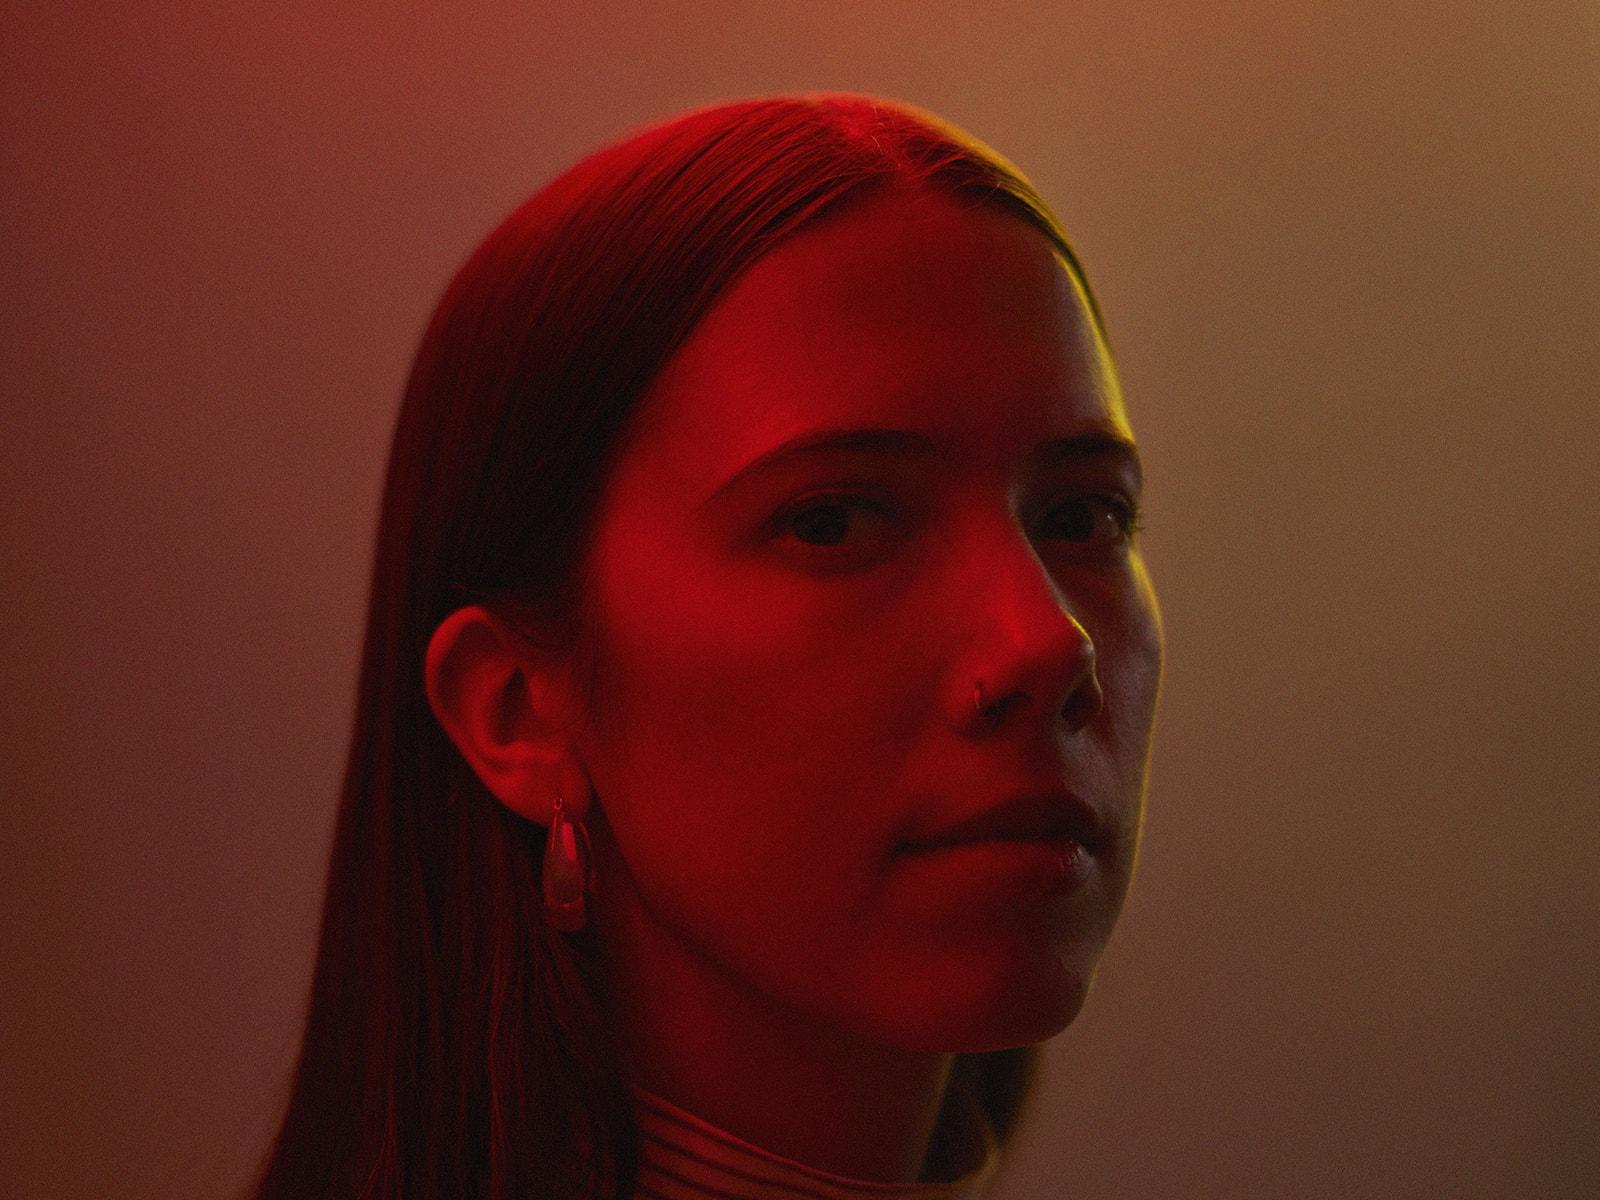 Rachel Weldon